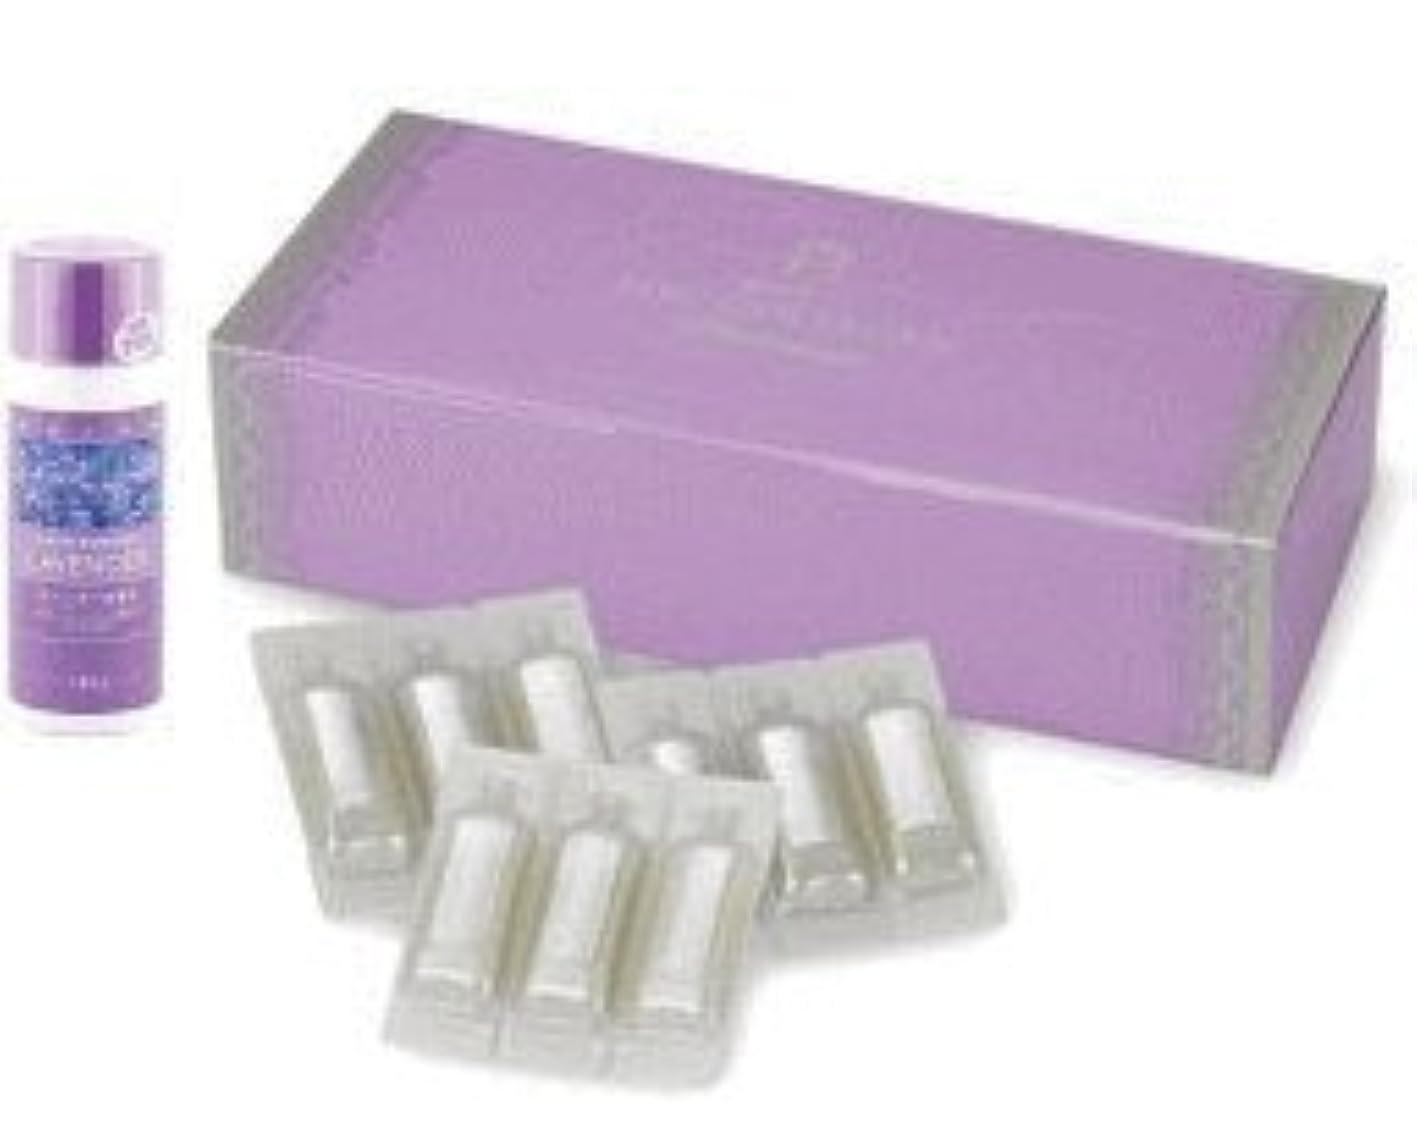 ペリスコープゆるい小康アリミノ 塗るサプリ HSCコラーゲンプラチナム 5ml×18本入 入浴剤セット